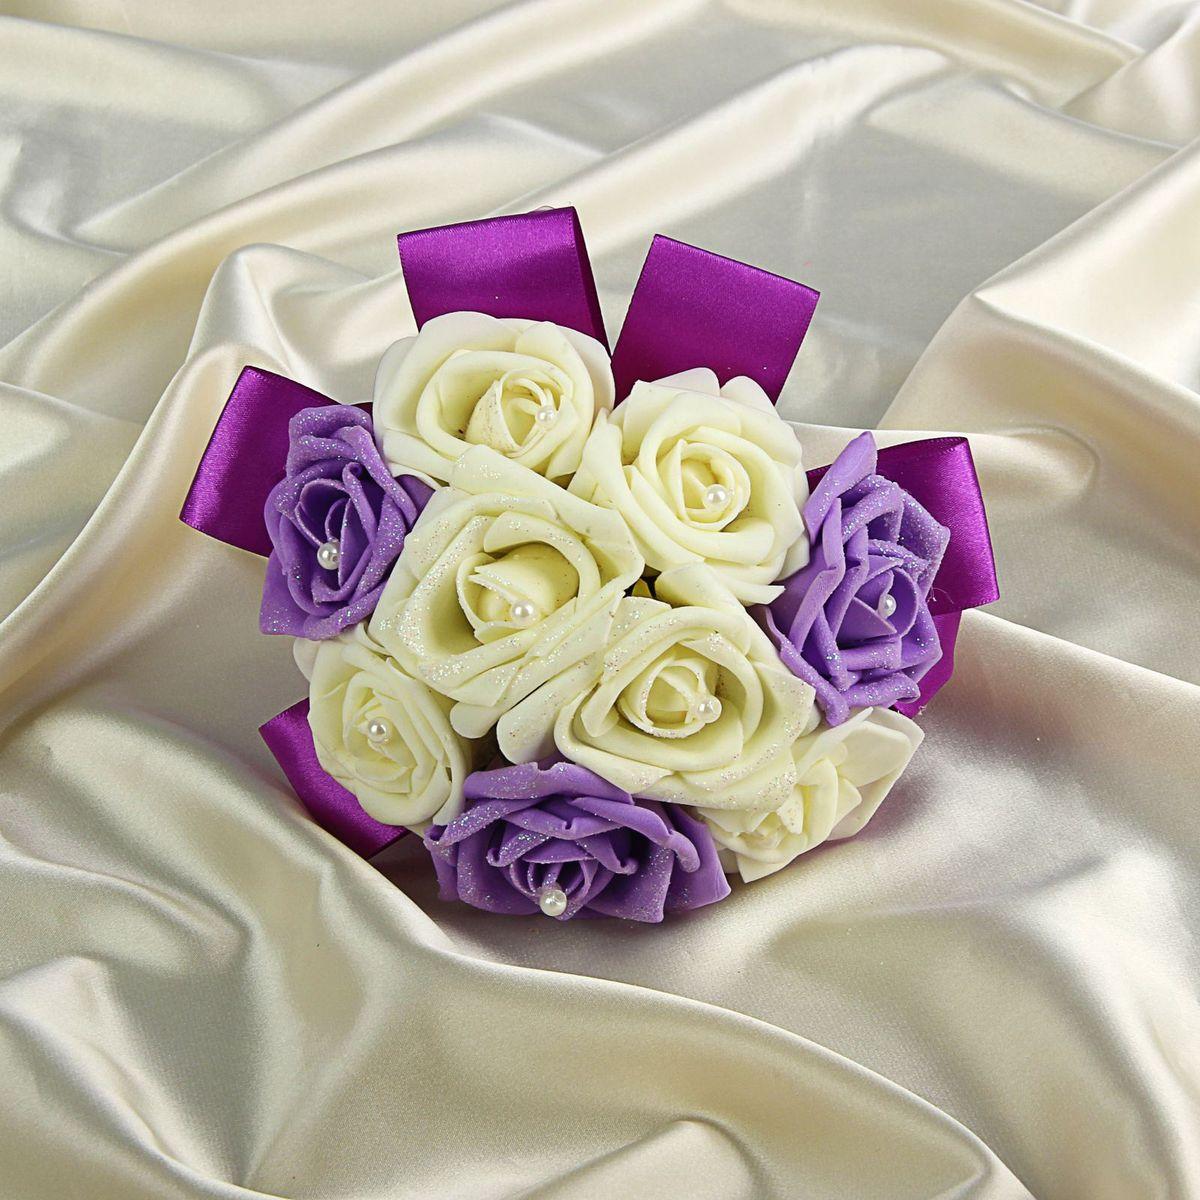 Букет-дублер Sima-land, цвет: белый, фиолетовый. 12628401270030Добавьте в интерьер частичку весны! Дублер букета невесты с розами премиум будет радовать неувядающей красотой не один год. Просто поставьте его в вазу или создайте пышную композицию.Искусственные растения не требуют поливки, особого освещения и другого специального ухода. Они украсят любое помещение (например, ванную с повышенной влажностью или затемнённый коридор).Дом становится уютным благодаря мелочам. Преобразите интерьер, а вместе с ним улучшится и настроение!